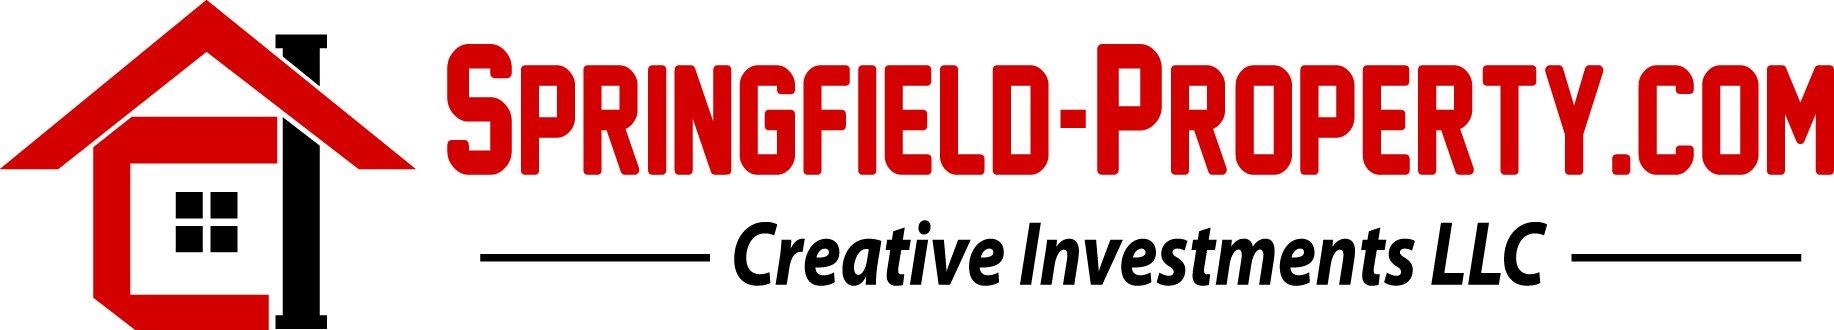 www.Springfield-Property.com logo